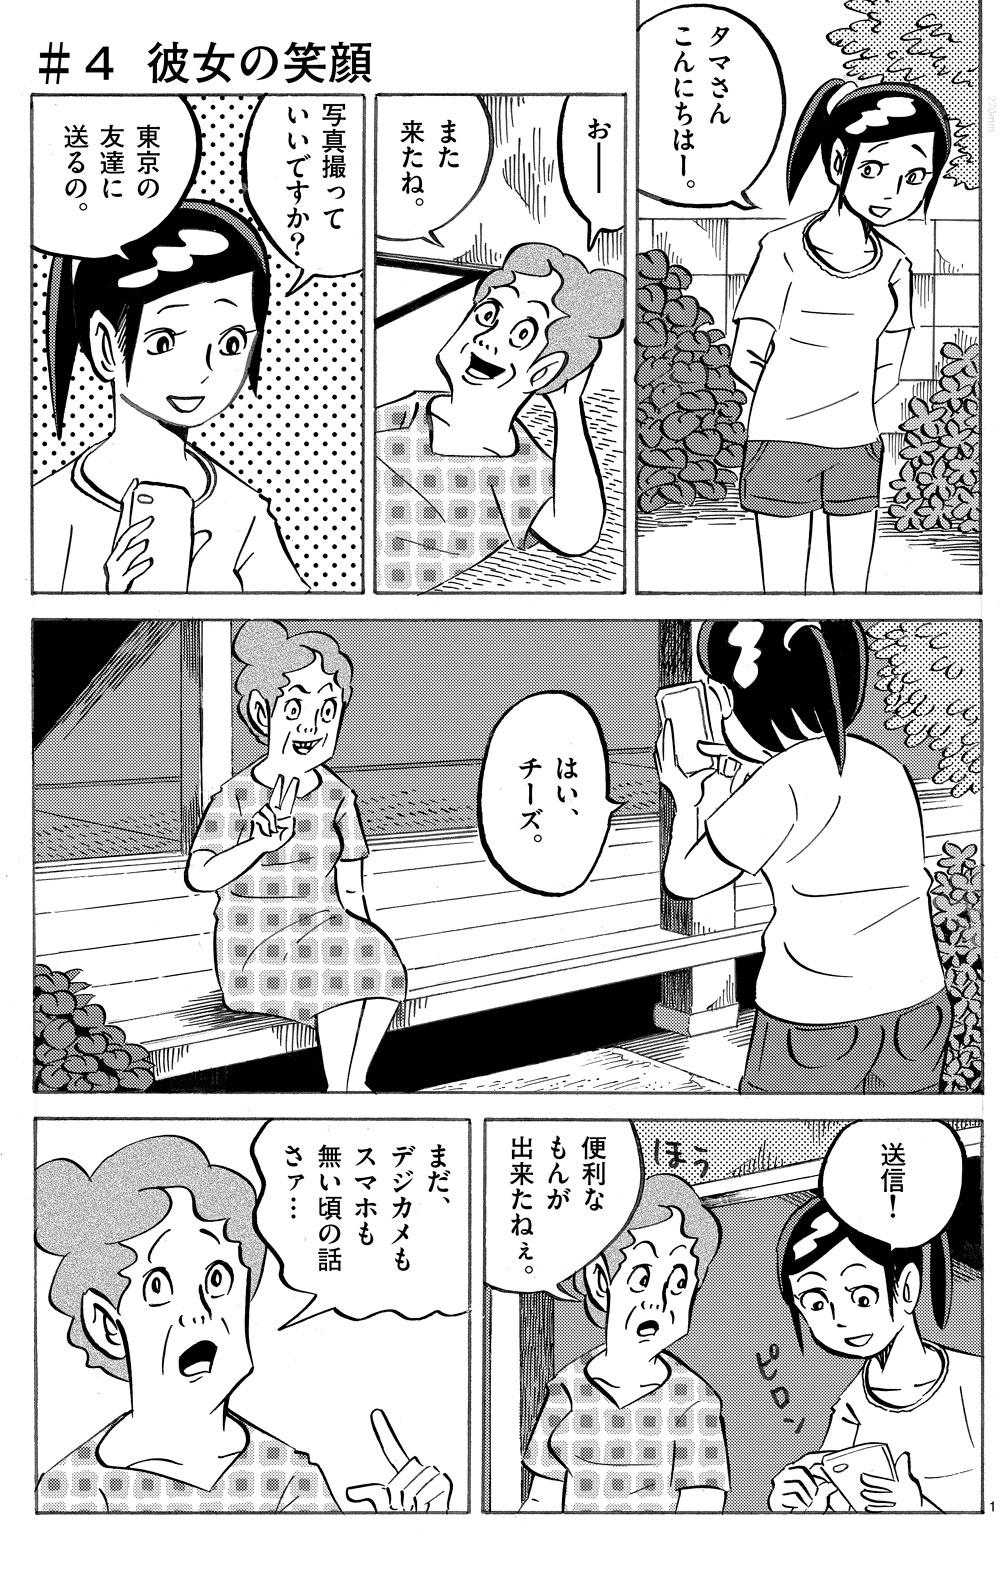 琉球怪談 【第4話】WEB掲載1ページ目画像